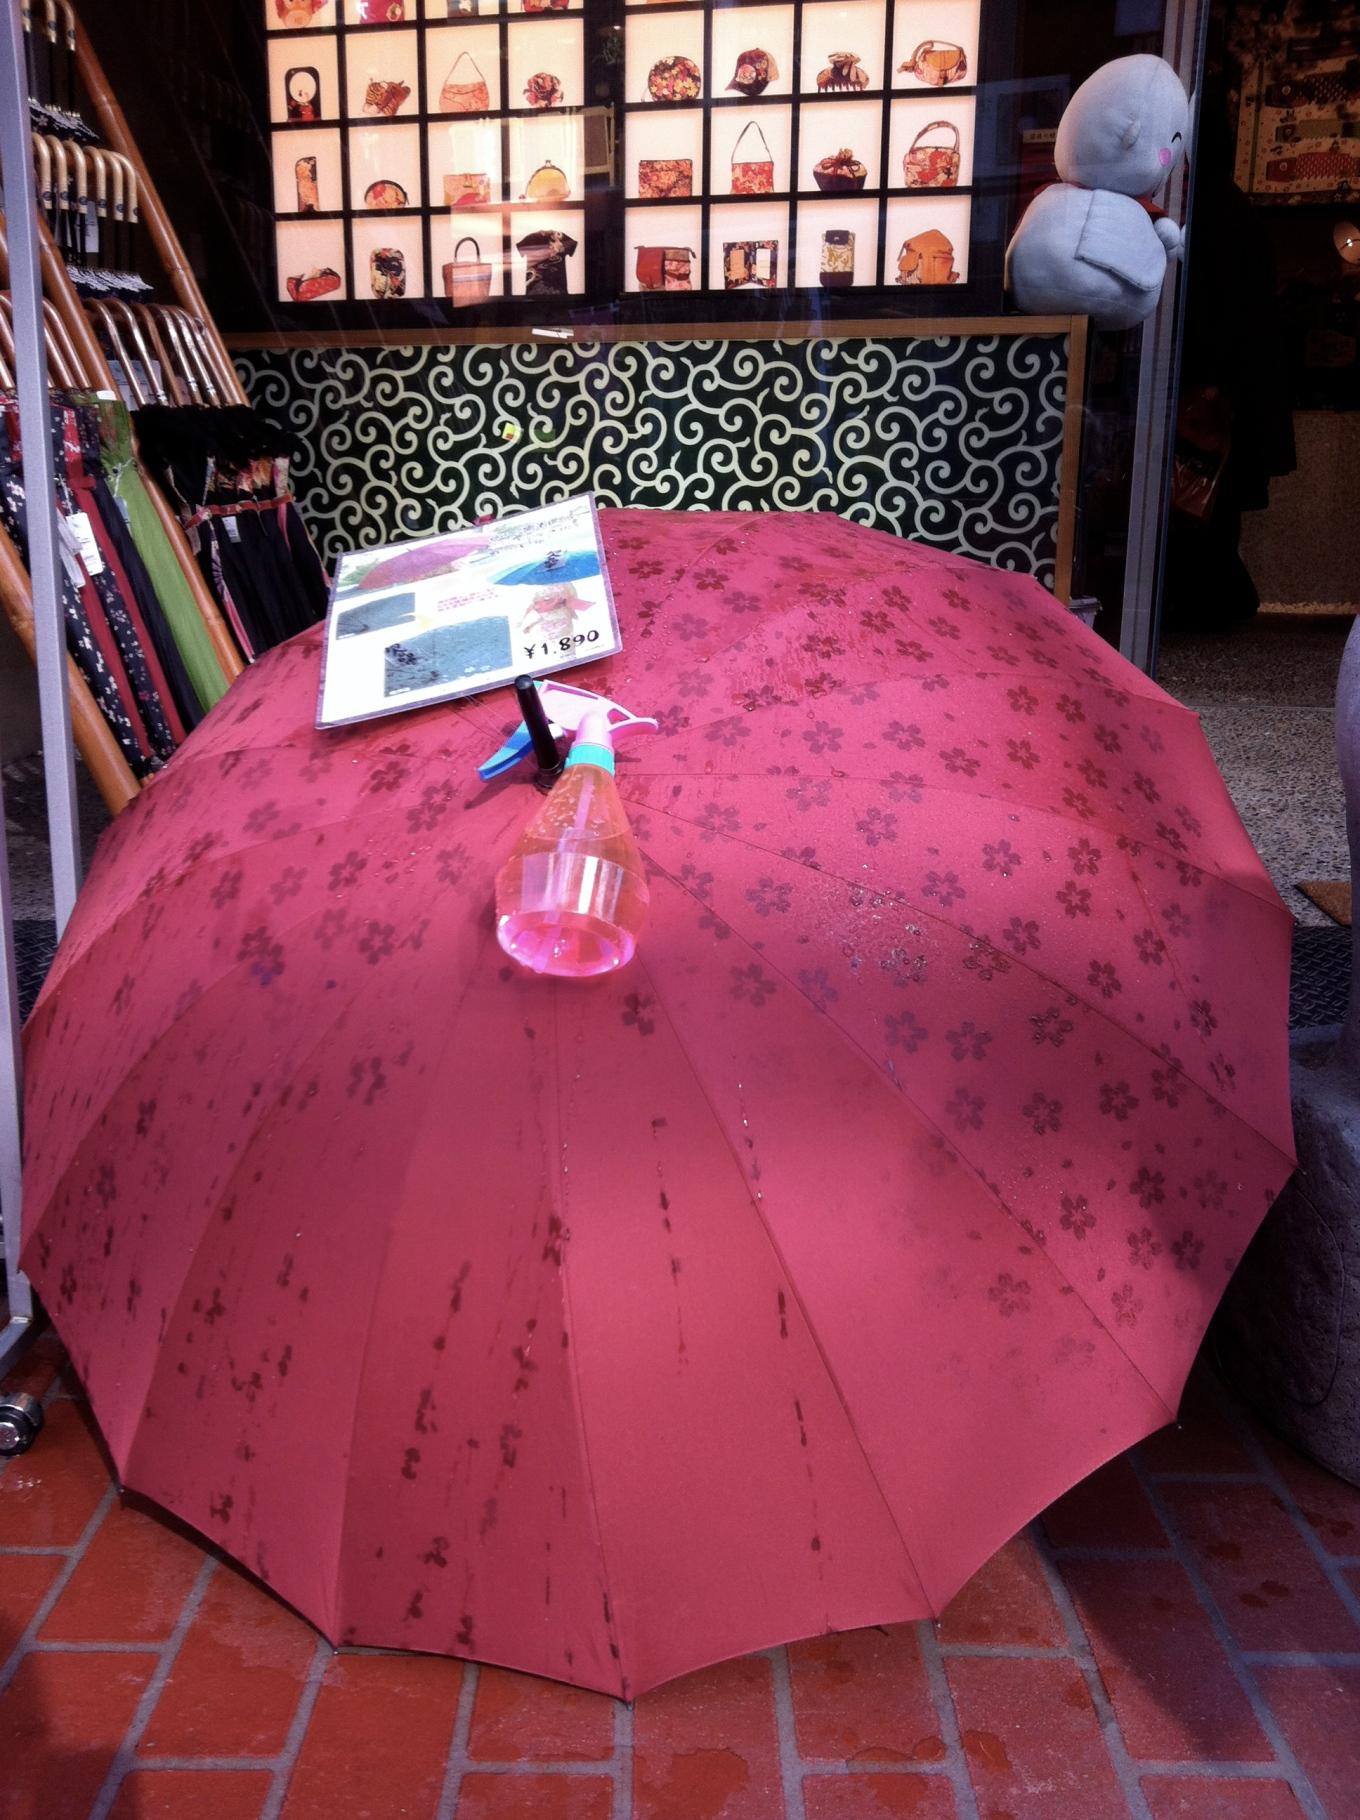 4.Umbrella